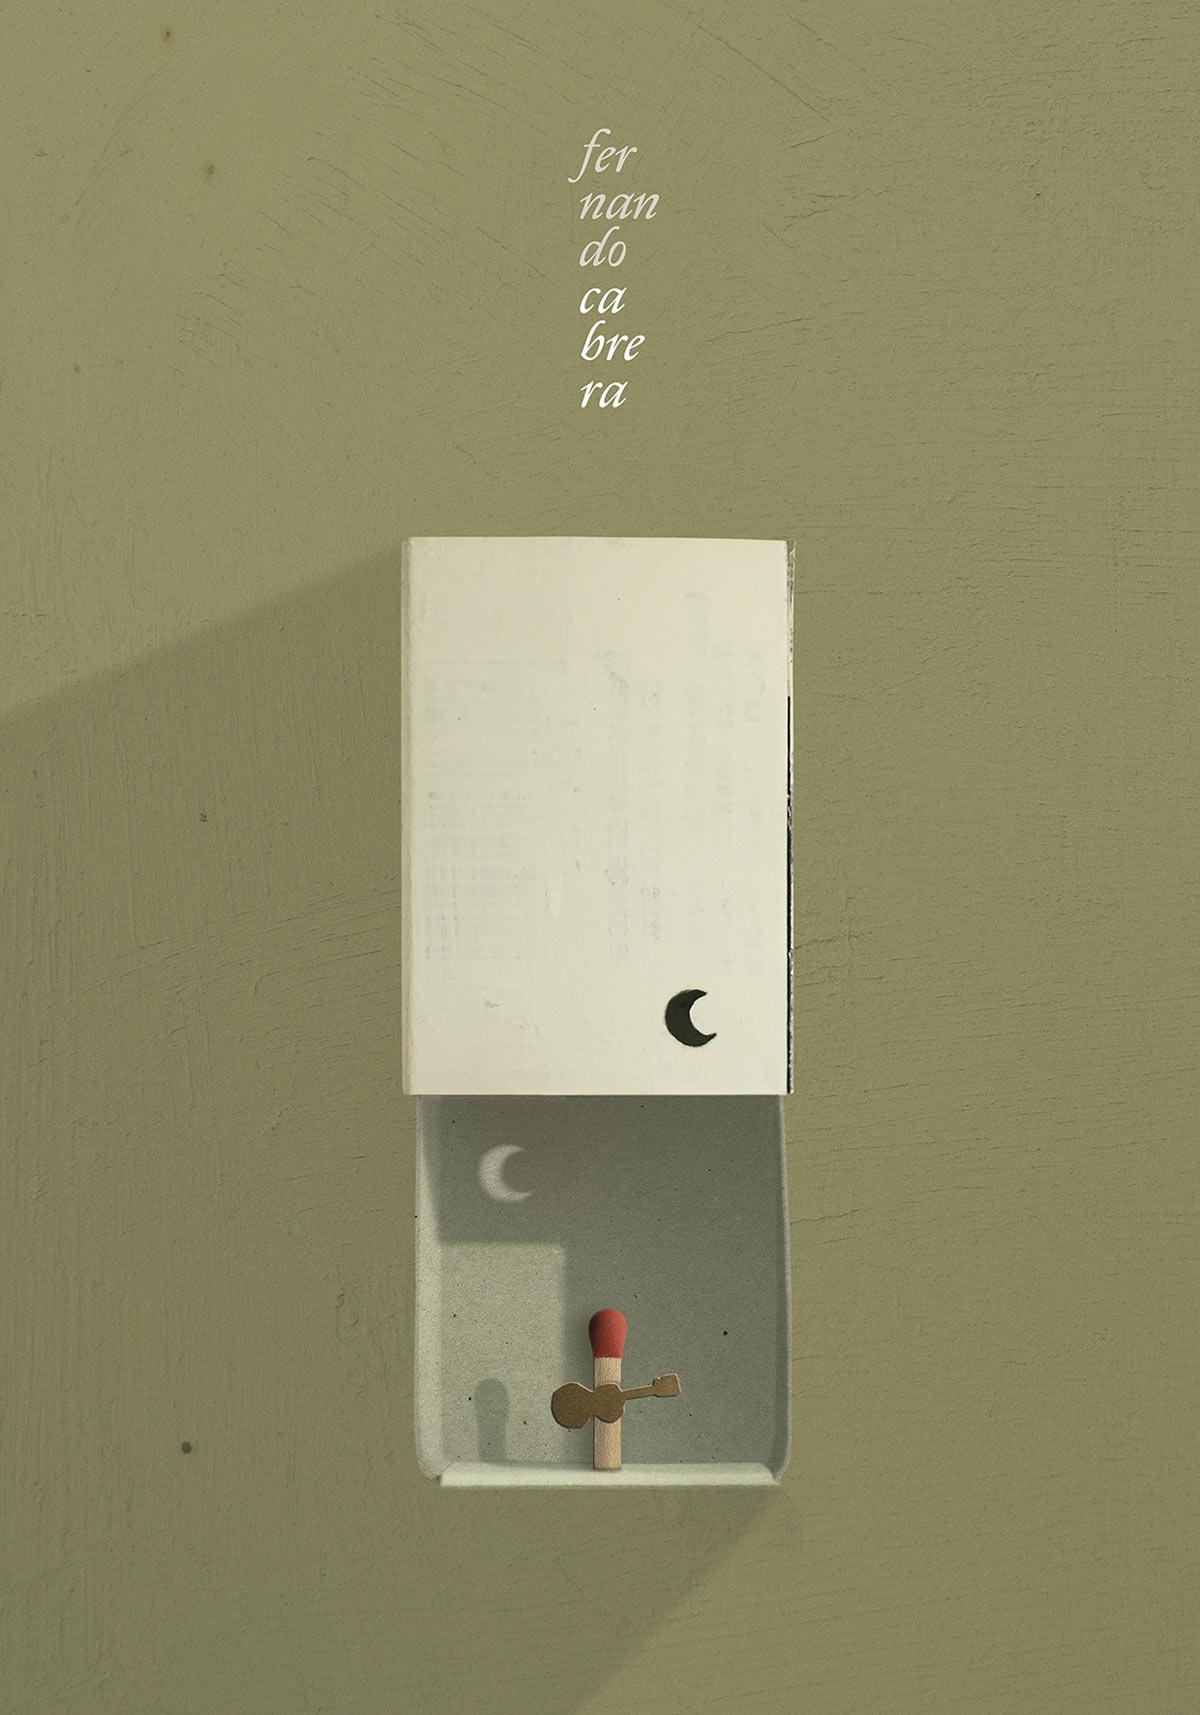 Slanted-1200px-Afiches-en-Homenaje-a-los-Artistas-✺-Posters-in-Homage-to-the-Artists-✺-Exhibición-de-Afiches-✺-Poster-Exhibition-✺-Lautaro-Hourcade-✺-2018